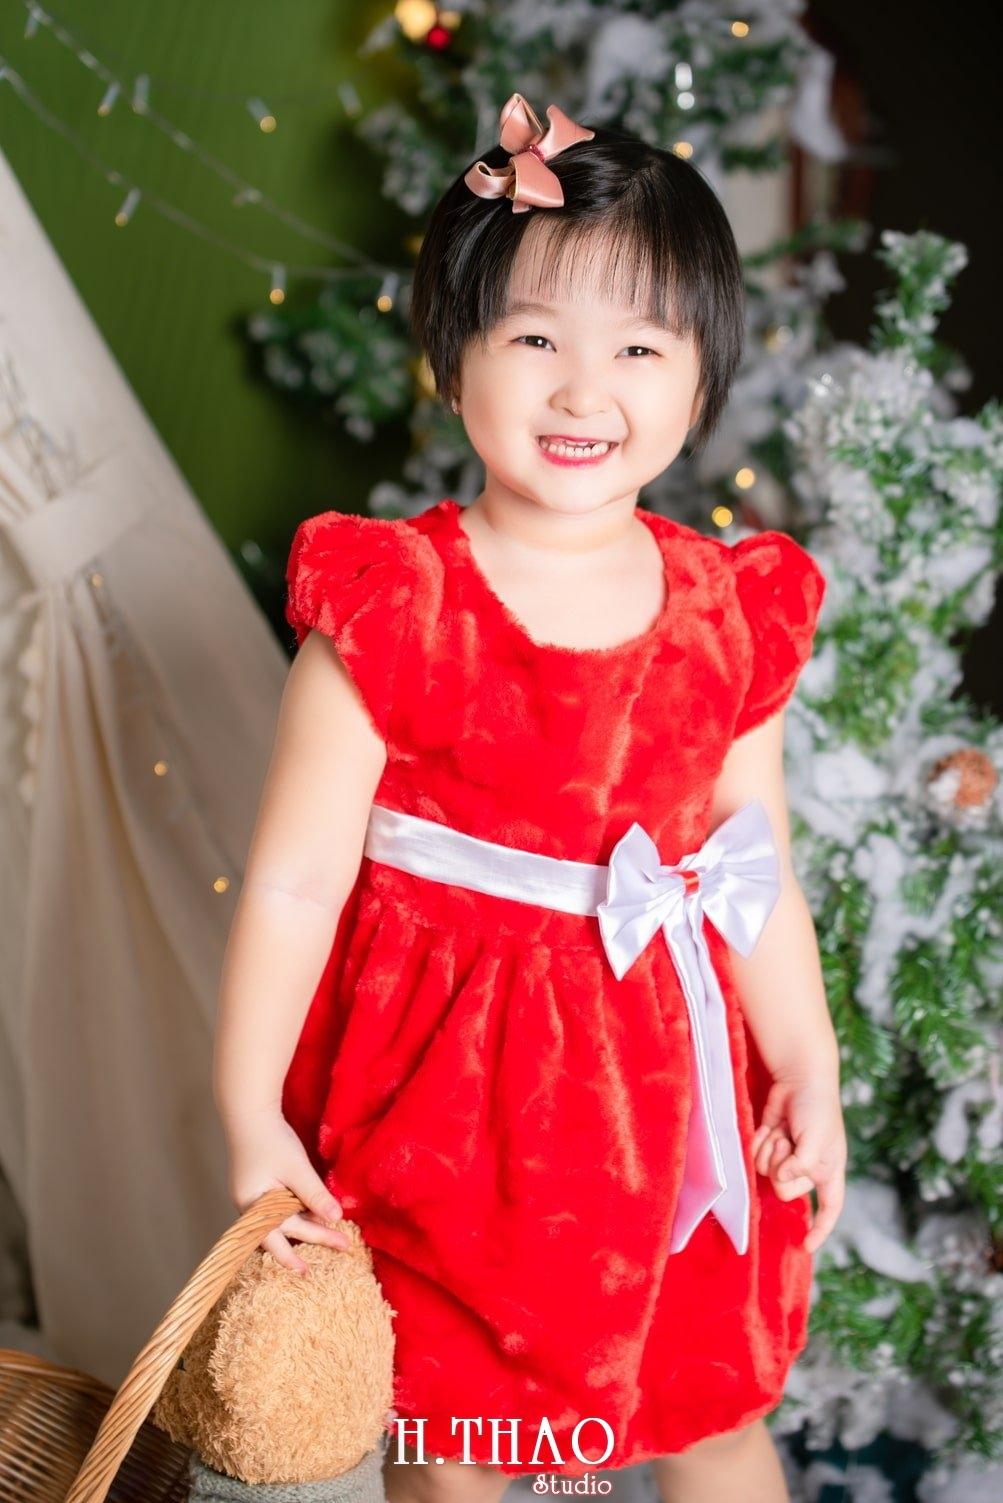 Anh be noel 2 - Album ảnh noel chụp cho con gái cưng chị Linh - HThao Studio